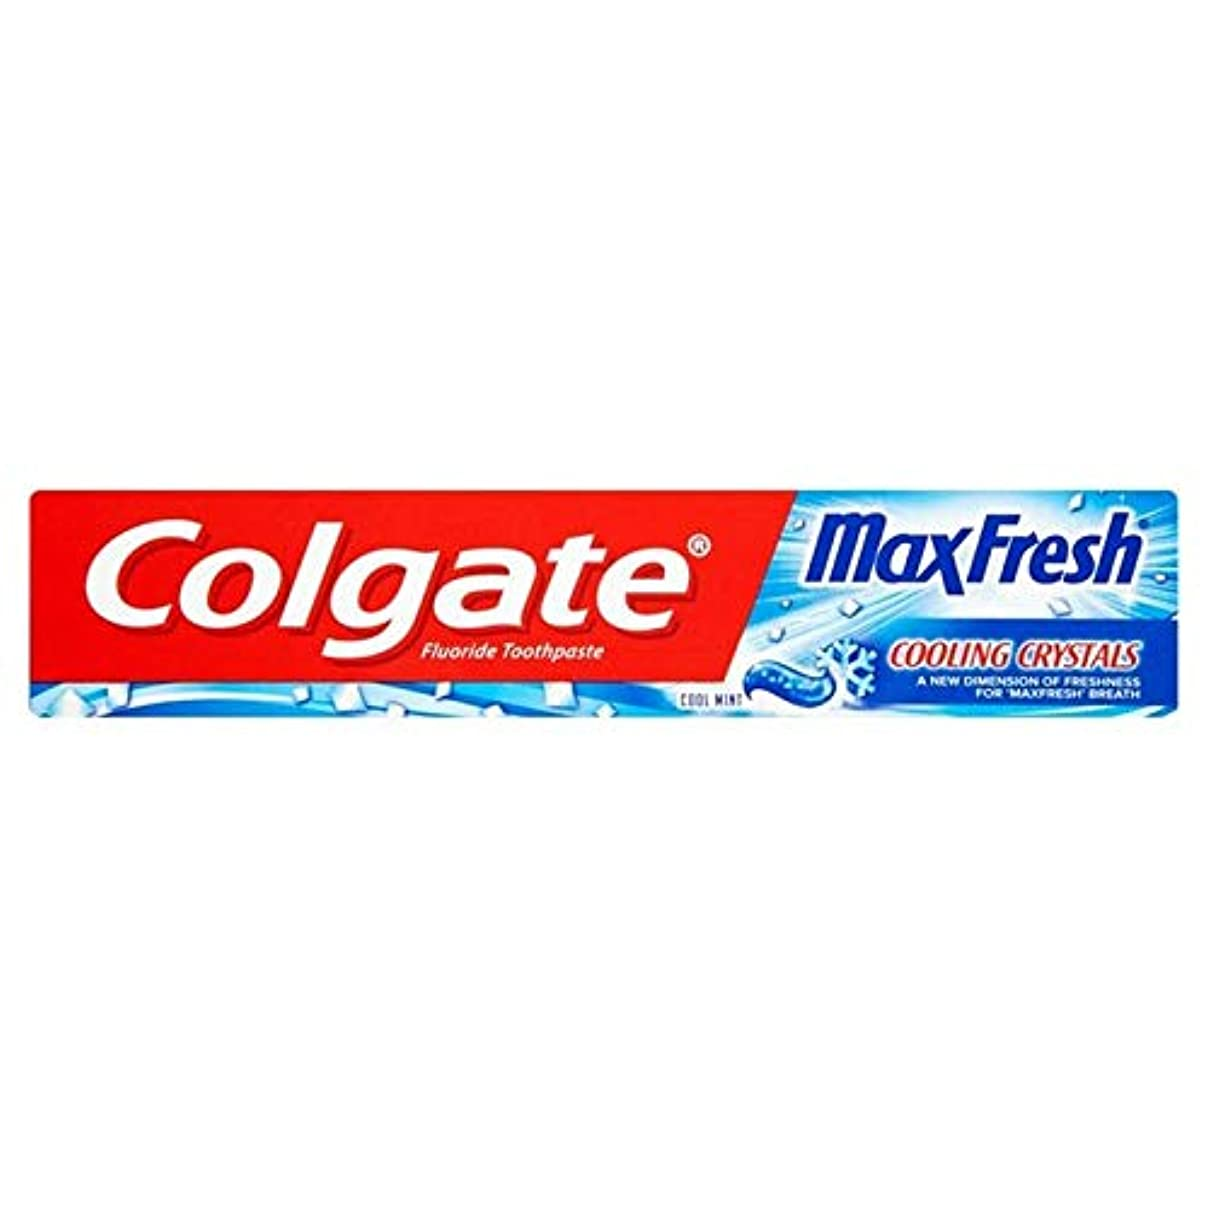 熟読する試みブラシ[Colgate ] 冷却結晶歯磨き粉75ミリリットル新鮮なコルゲートマックス - Colgate Max Fresh with Cooling Crystals Toothpaste 75ml [並行輸入品]